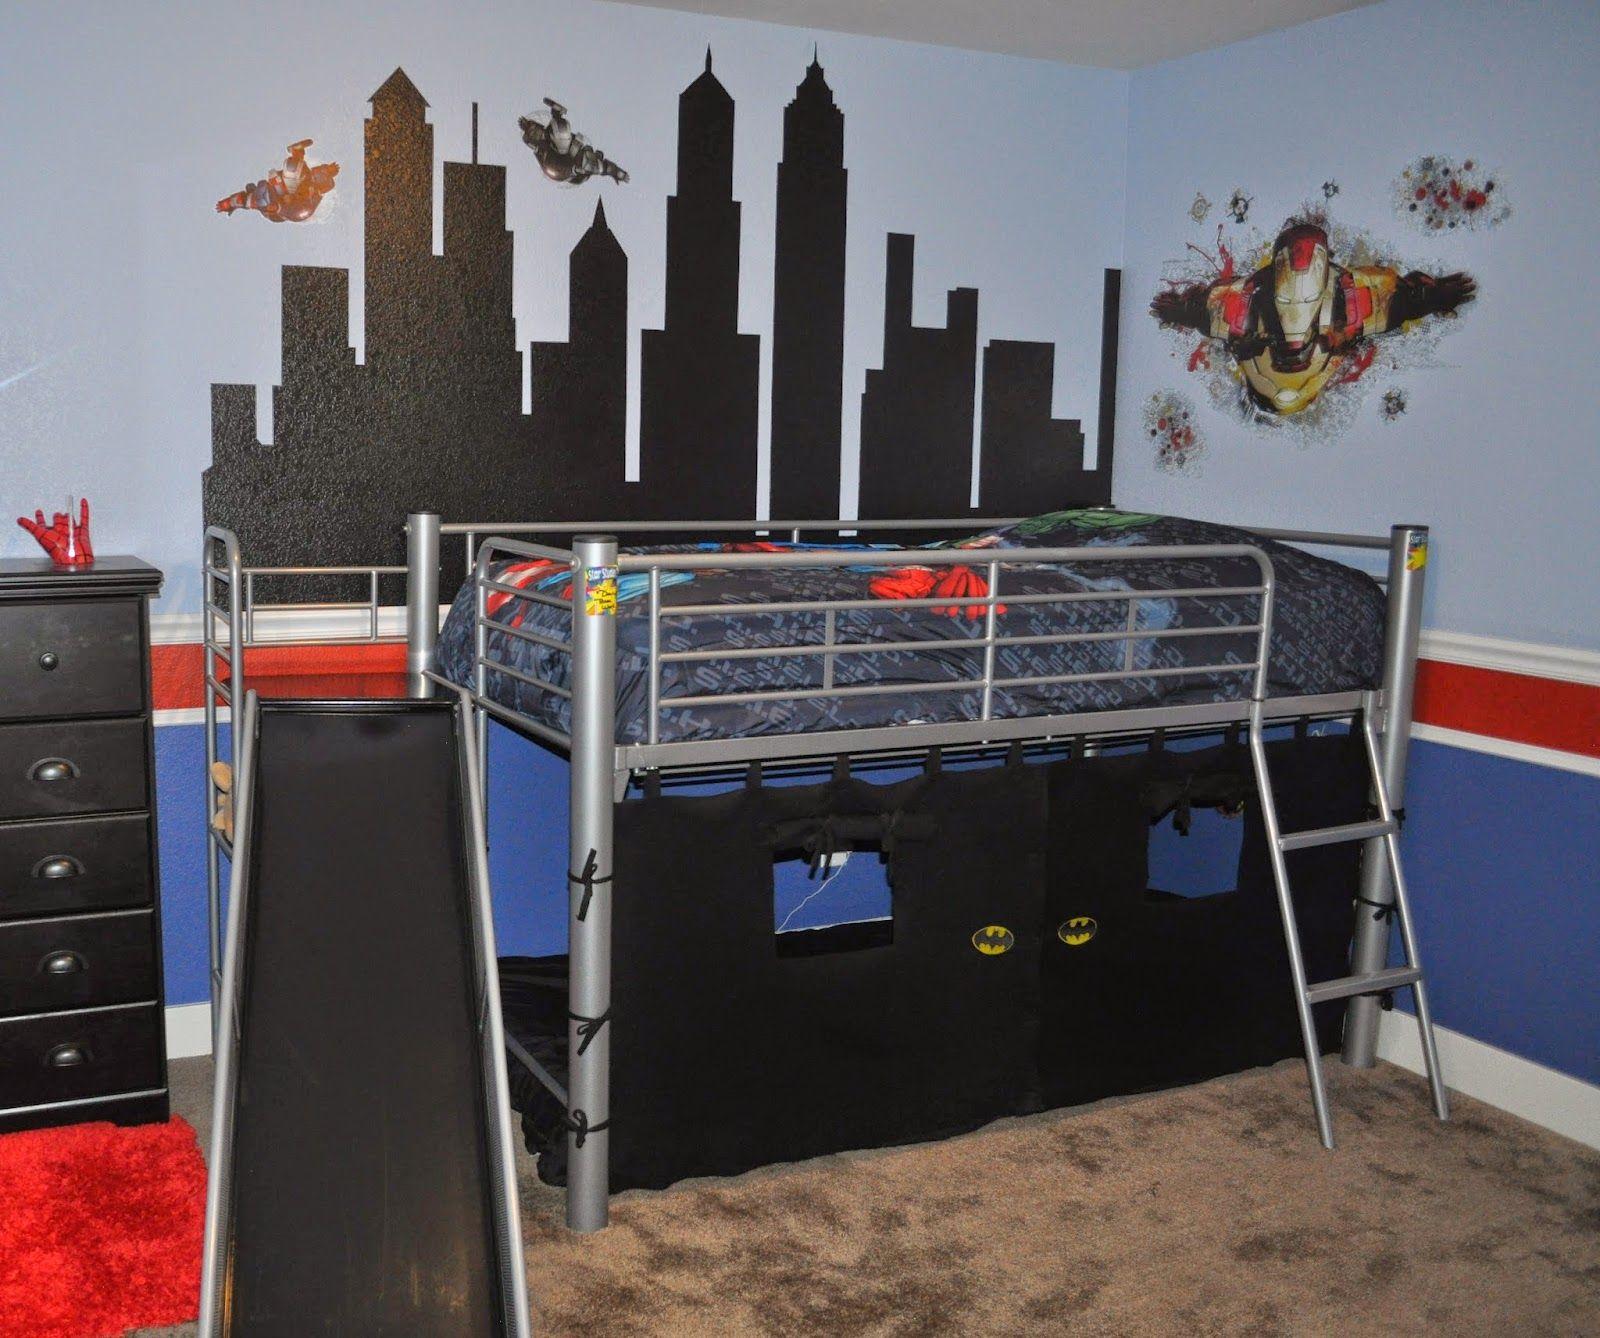 Toddler Boys Superhero Bedroom Ideas a boy's superhero bedroom | e's bedroom | pinterest | boys, boys